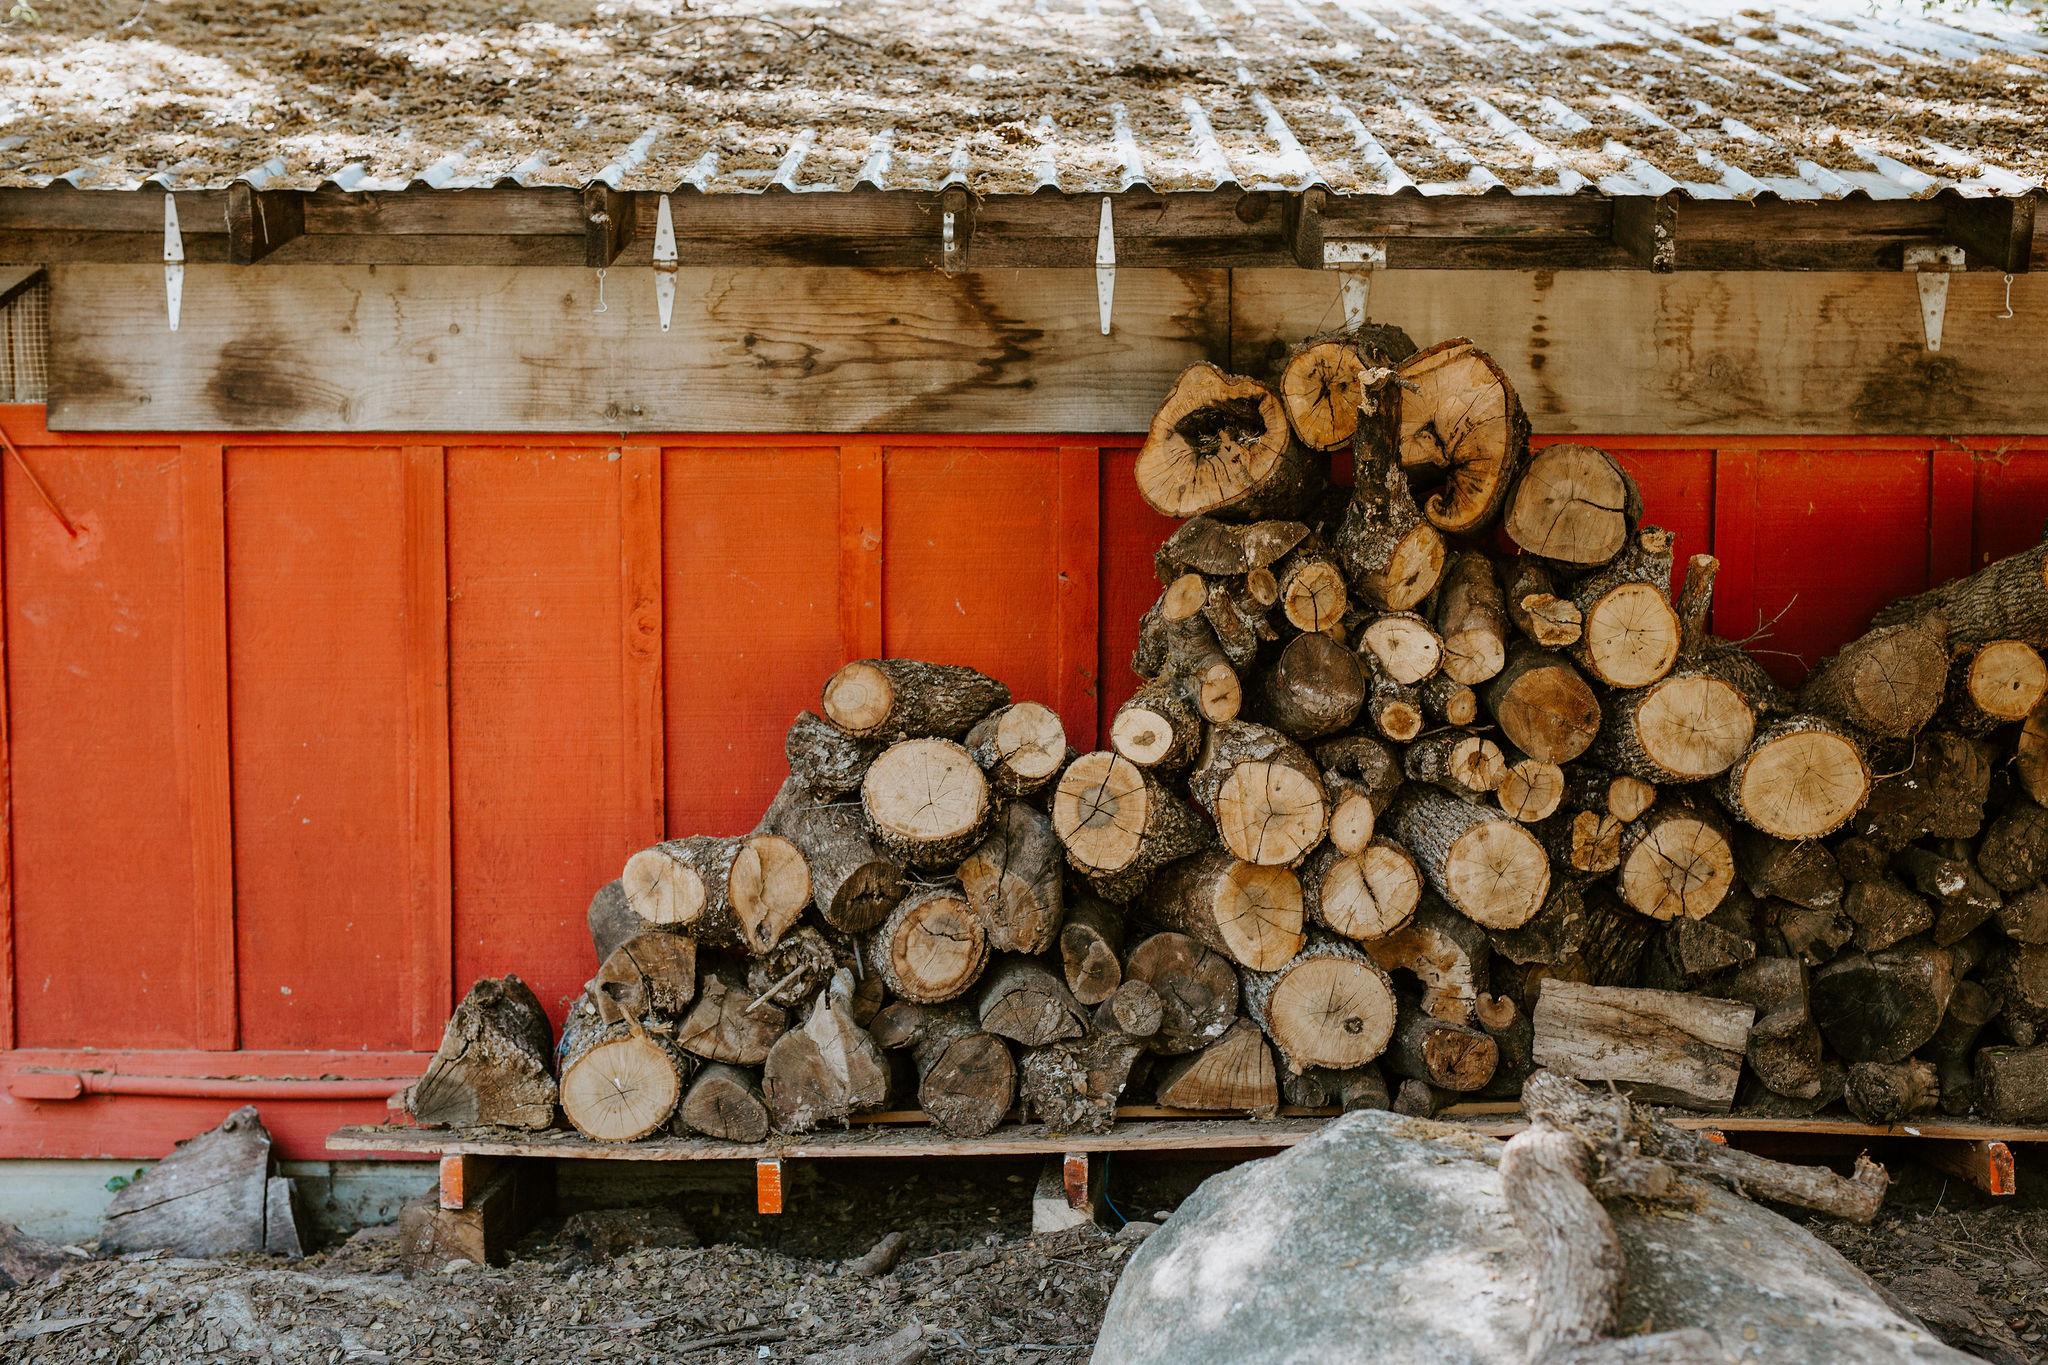 RedwoodRanch_Geoff&LyndsiPhotography_Mike&Amanda_GettingReady39.jpg